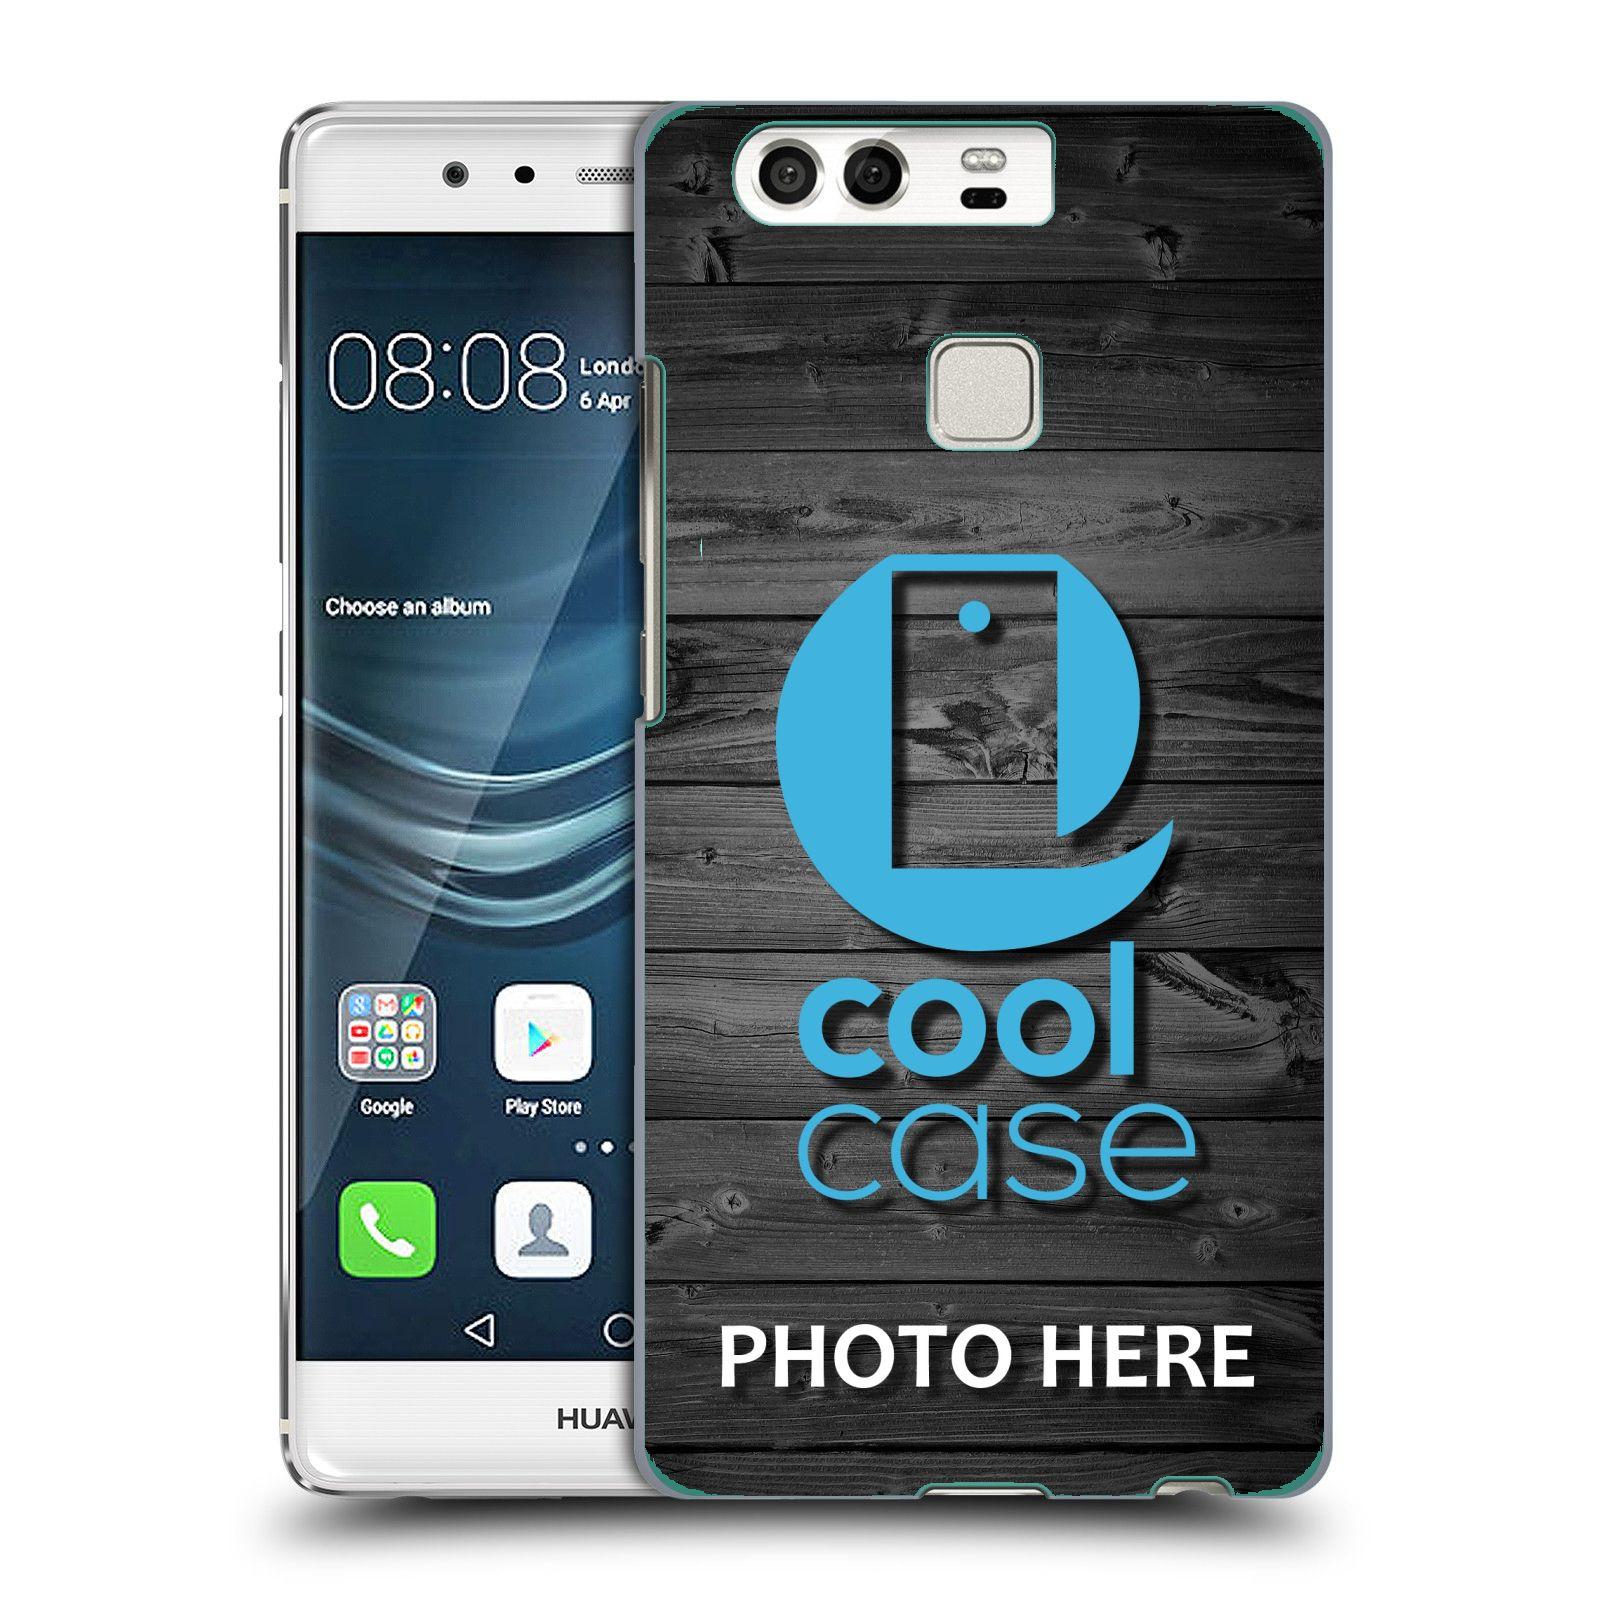 Plastové pouzdro na mobil Huawei P9 s vlastním motivem (Plastový kryt či obal s vlastní fotografií na mobilní telefon Huawei P9)